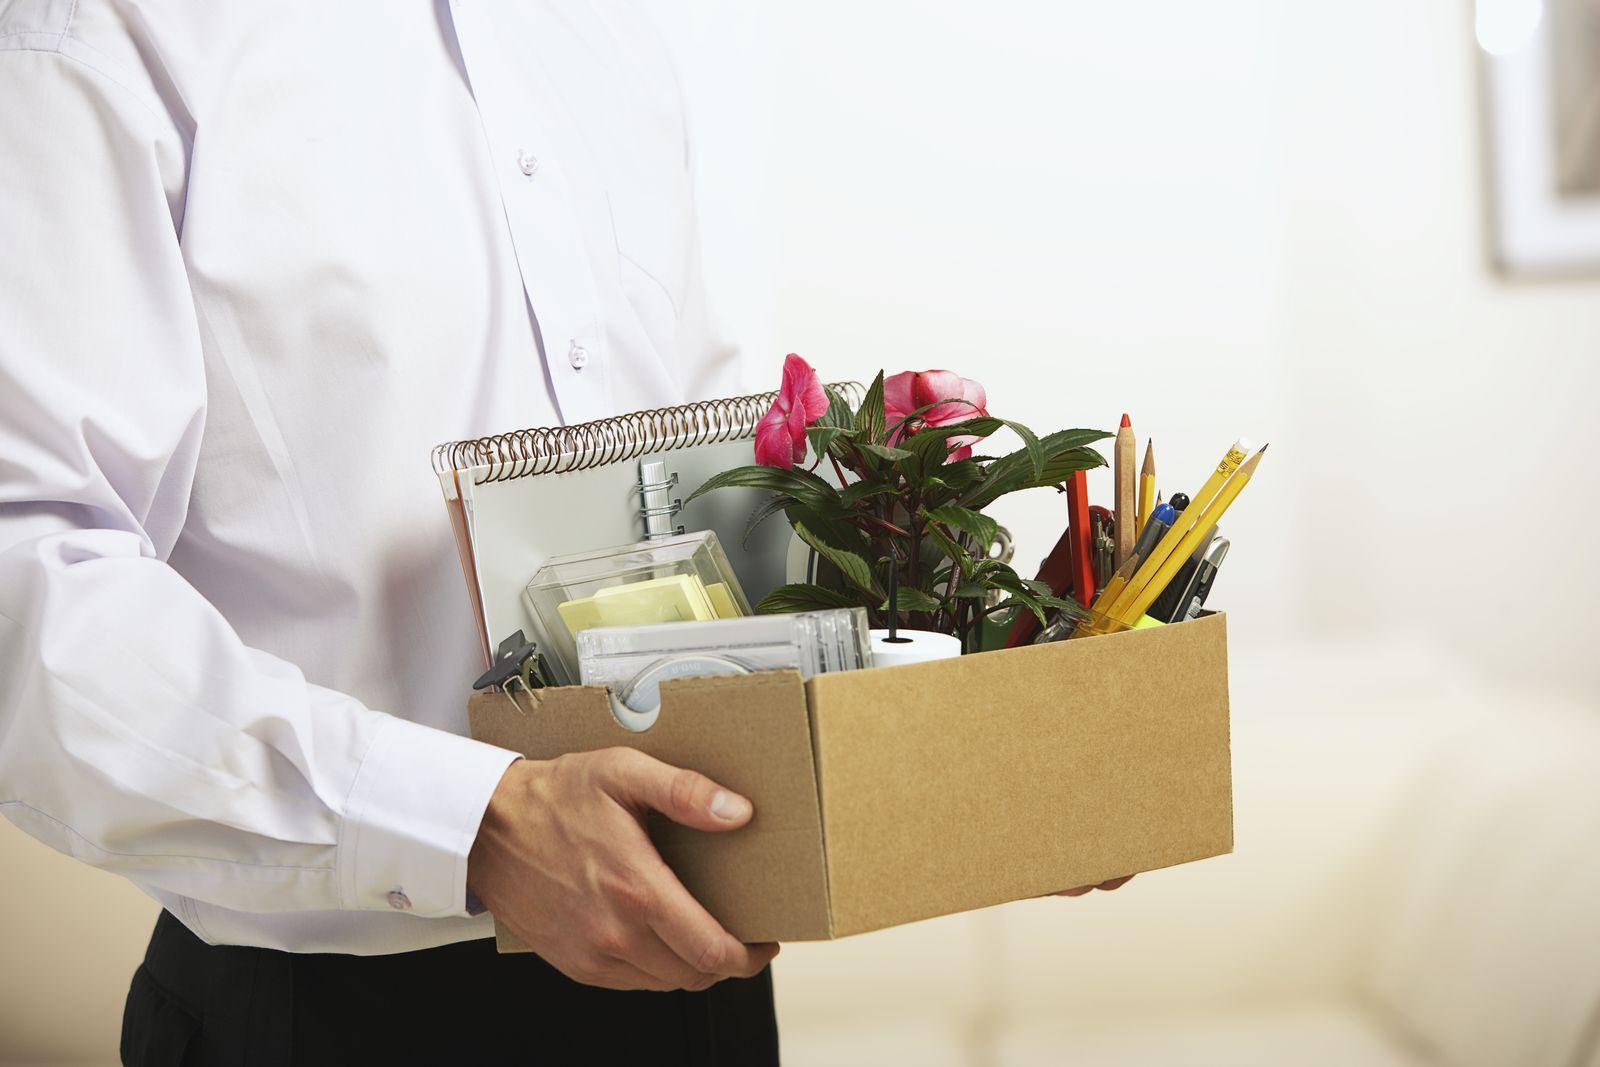 NICHT MEHR VERWENDEN! - Mitarbeiter / Karton / Schachtel / Kündigung / Umzug